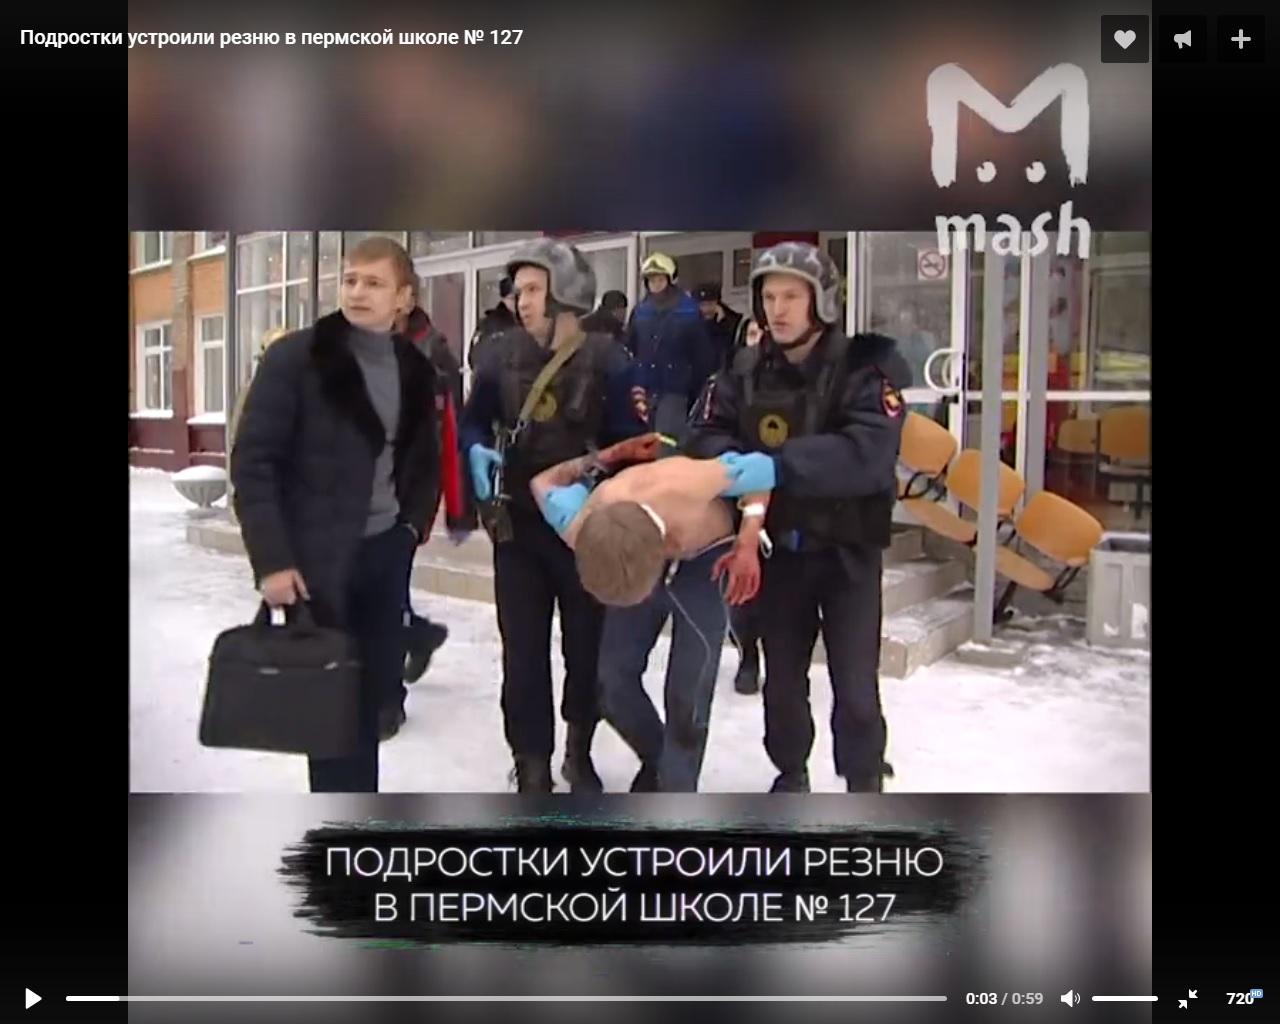 http://images.vfl.ru/ii/1516090508/cf7963b9/20169917.jpg